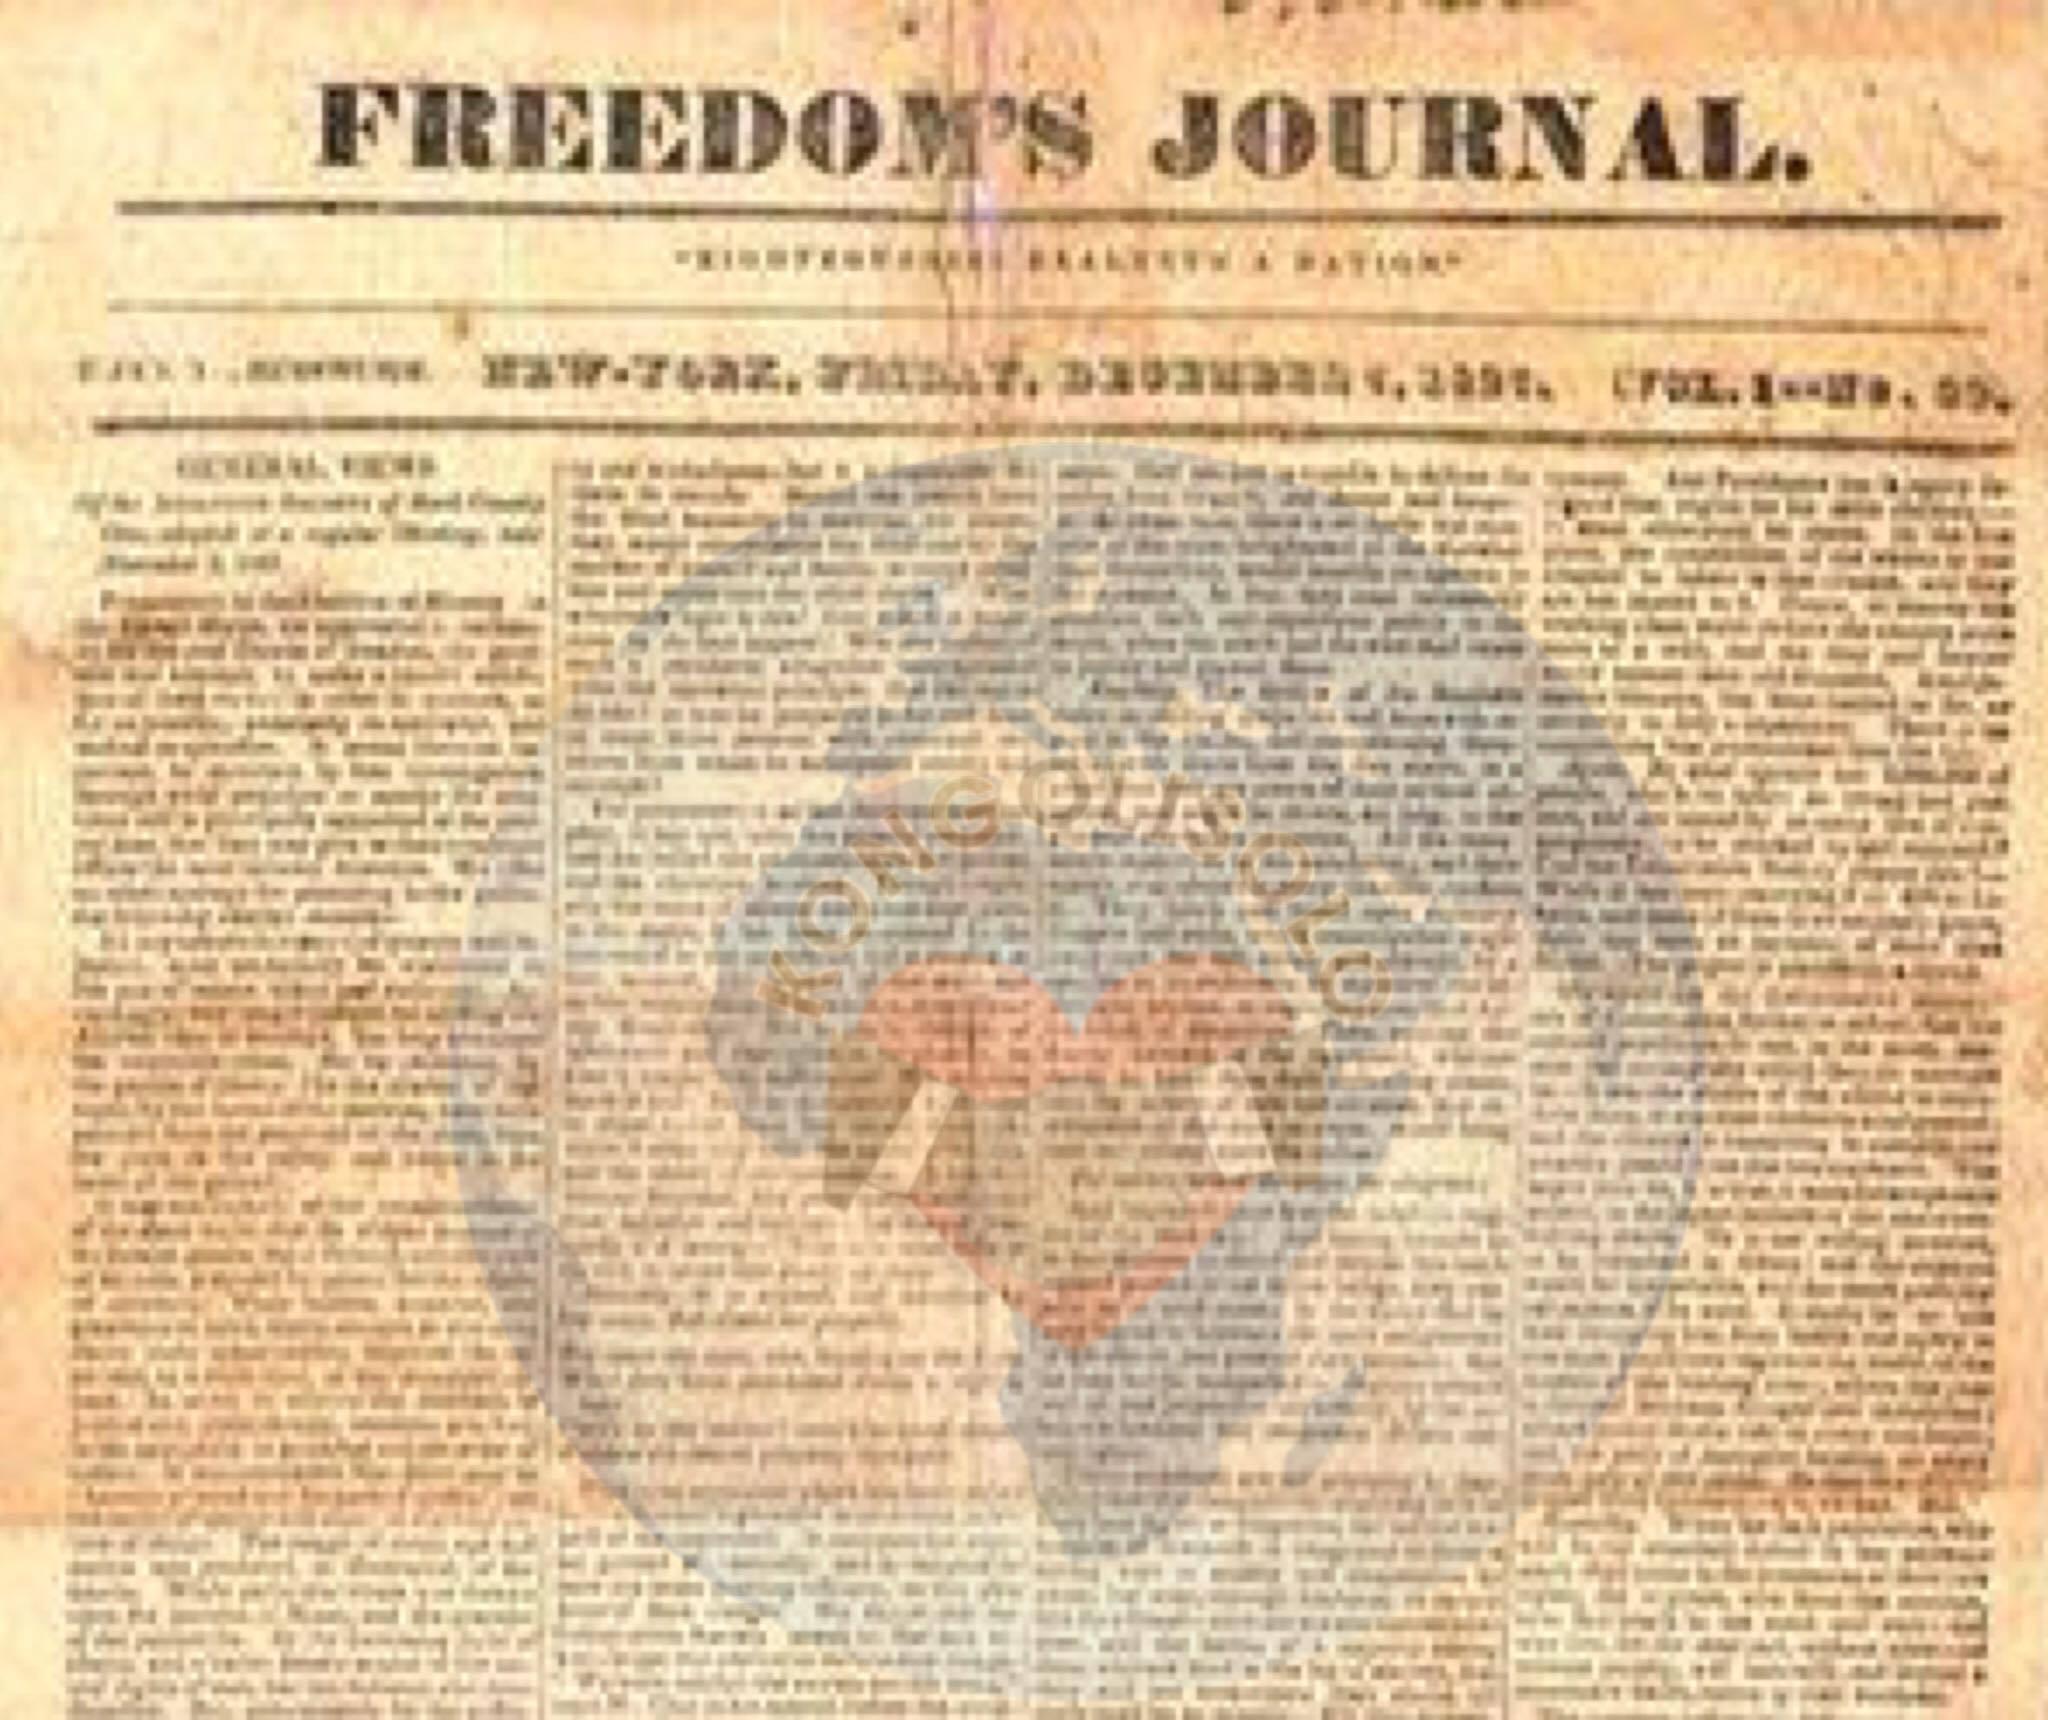 Le Freedom's Journal est le premier journal dirigé et écrit par des Afro-Américains à avoir été publié aux États-Unis en 1827